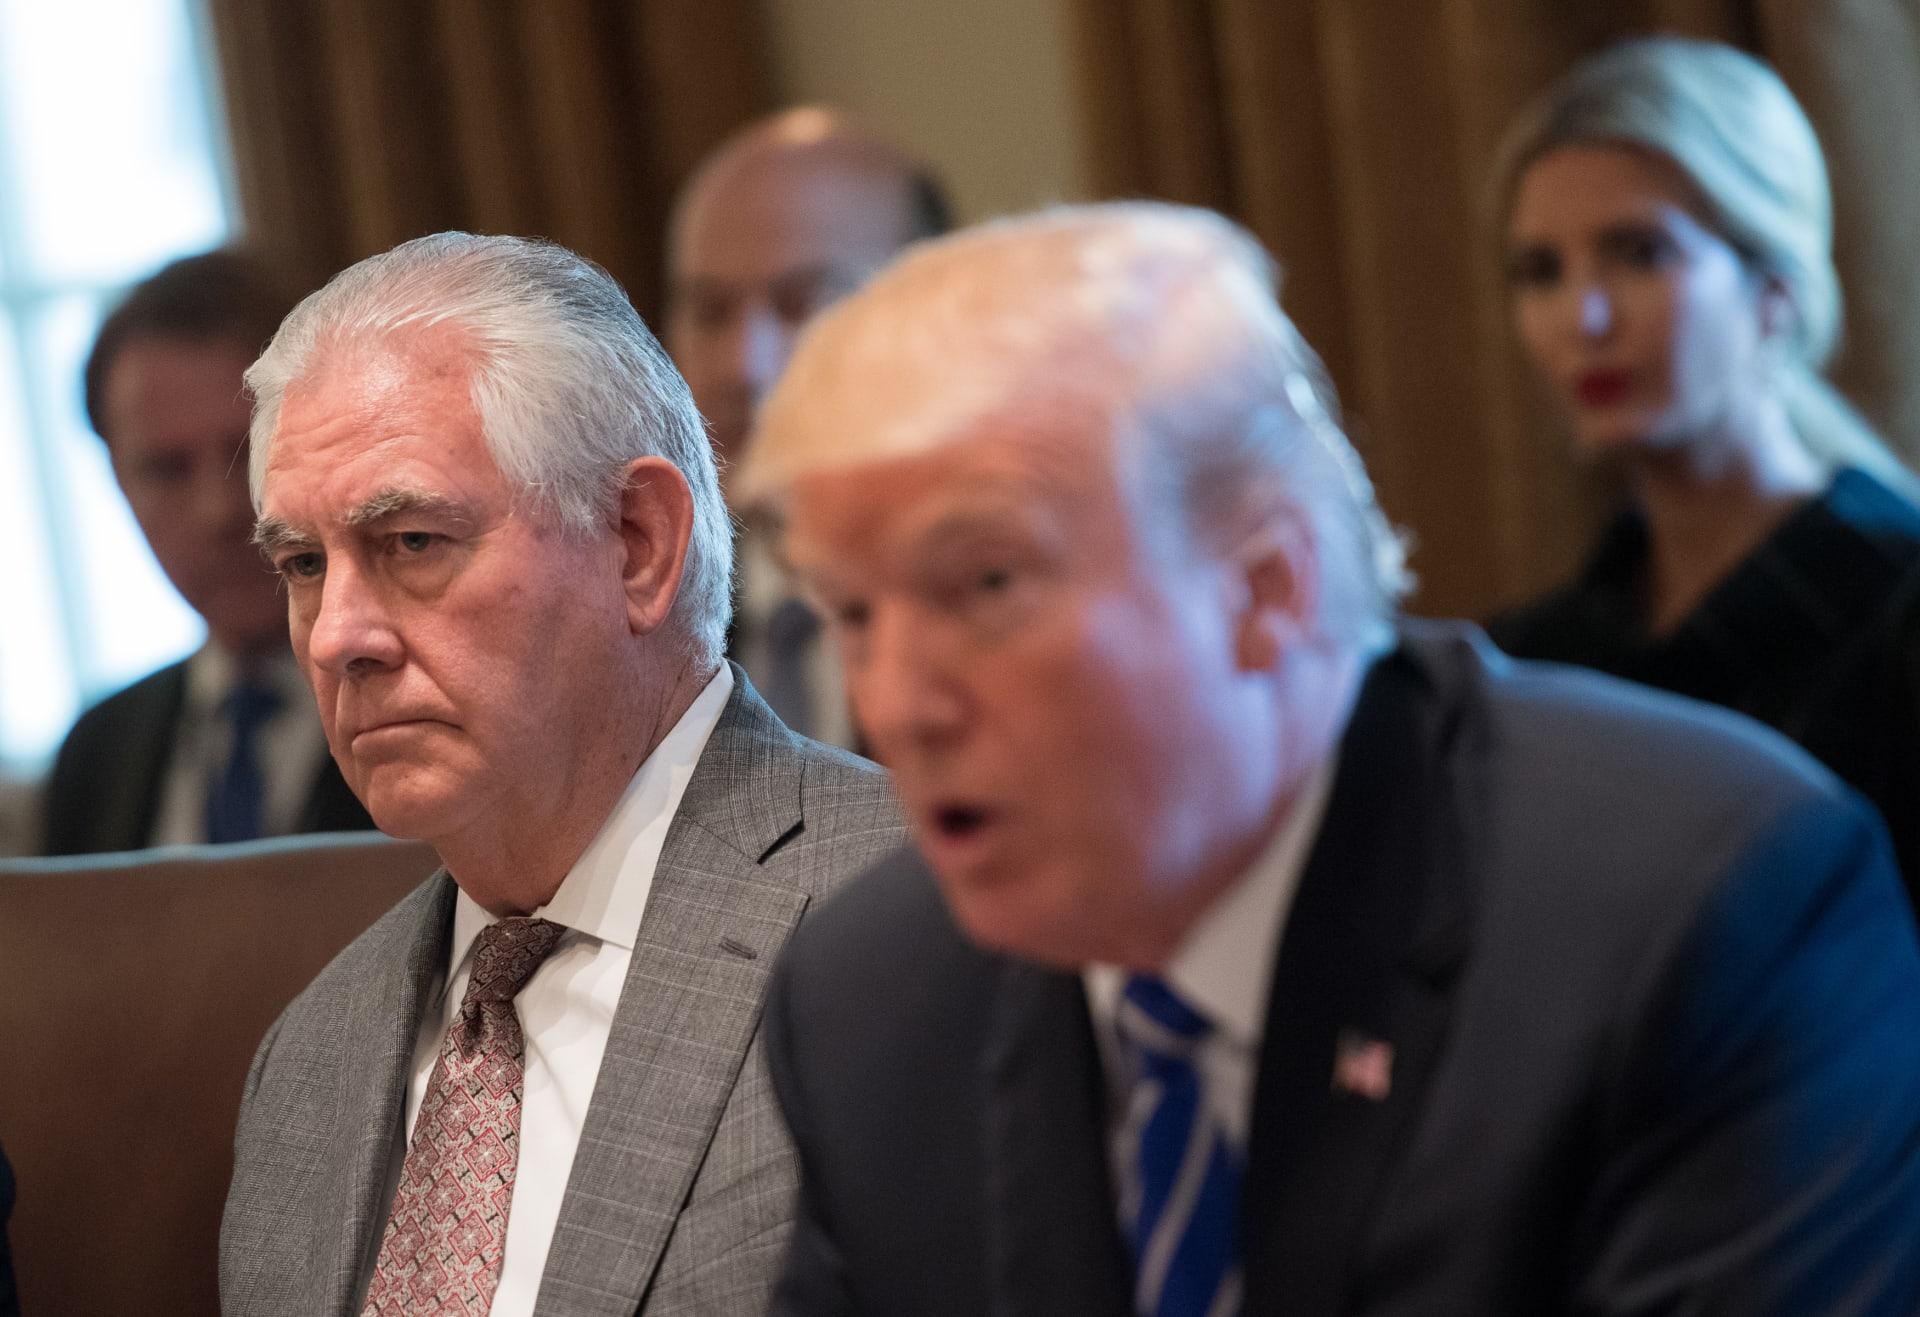 سفيرة أمريكية برسالة استقالتها: ترامب لا يحترمنا وسلّم الأمور لعسكريين